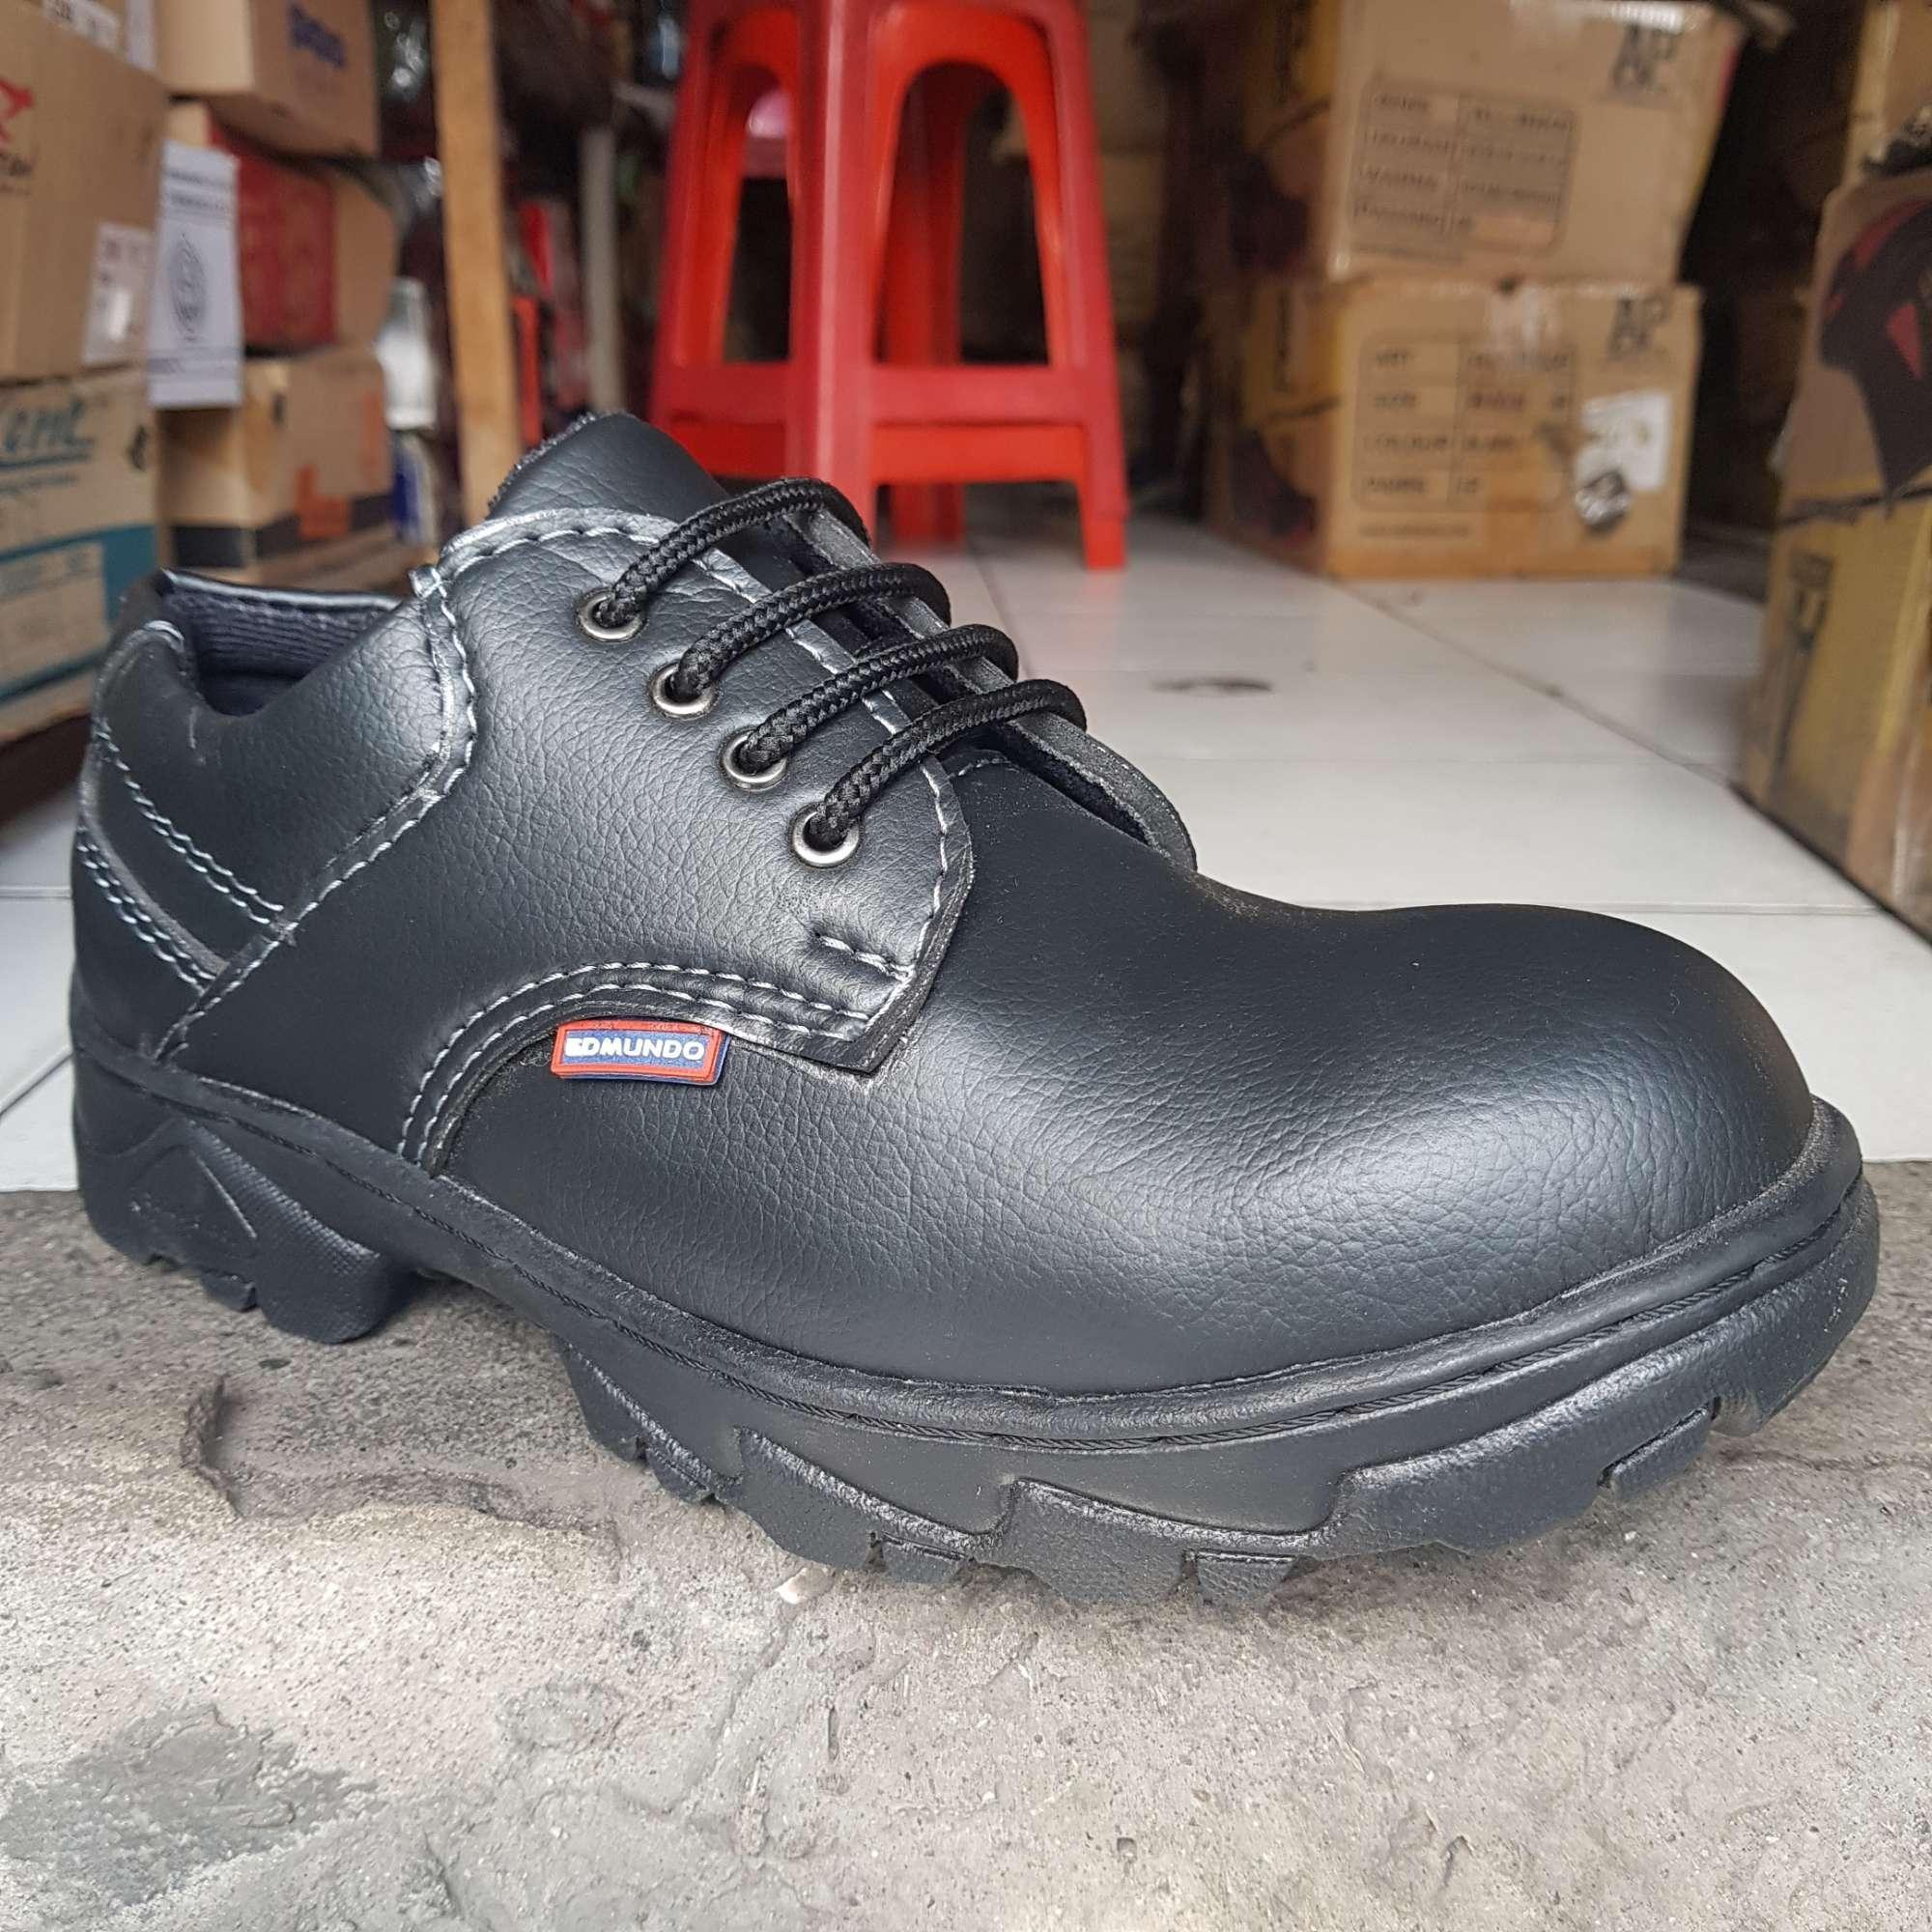 Sepatu Safety pendek sol karet Edmundo safety Berkualitas Harga Terjangkau king kingsteel chetaah krushers